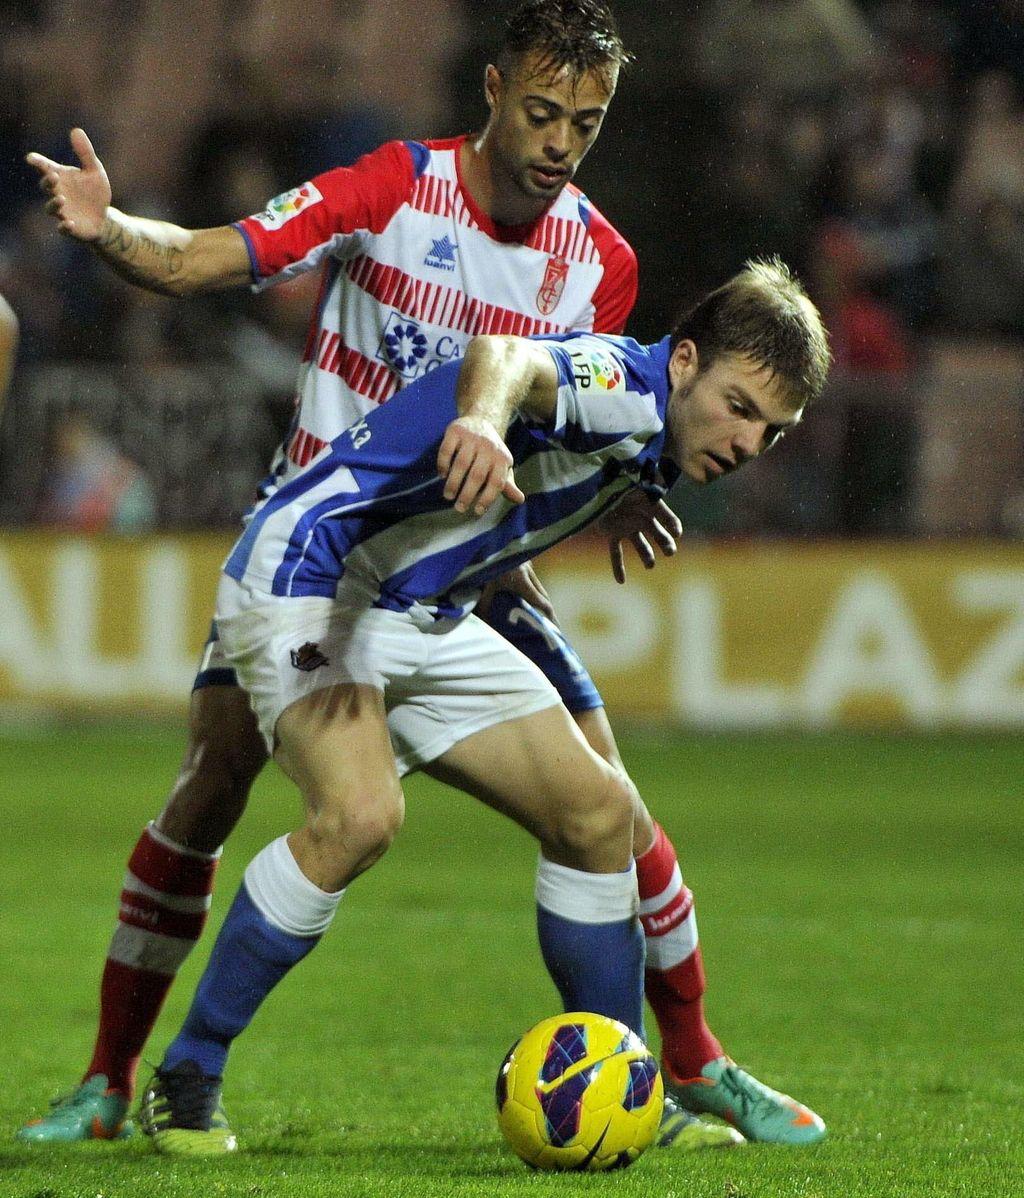 Granada - Real Sociedad